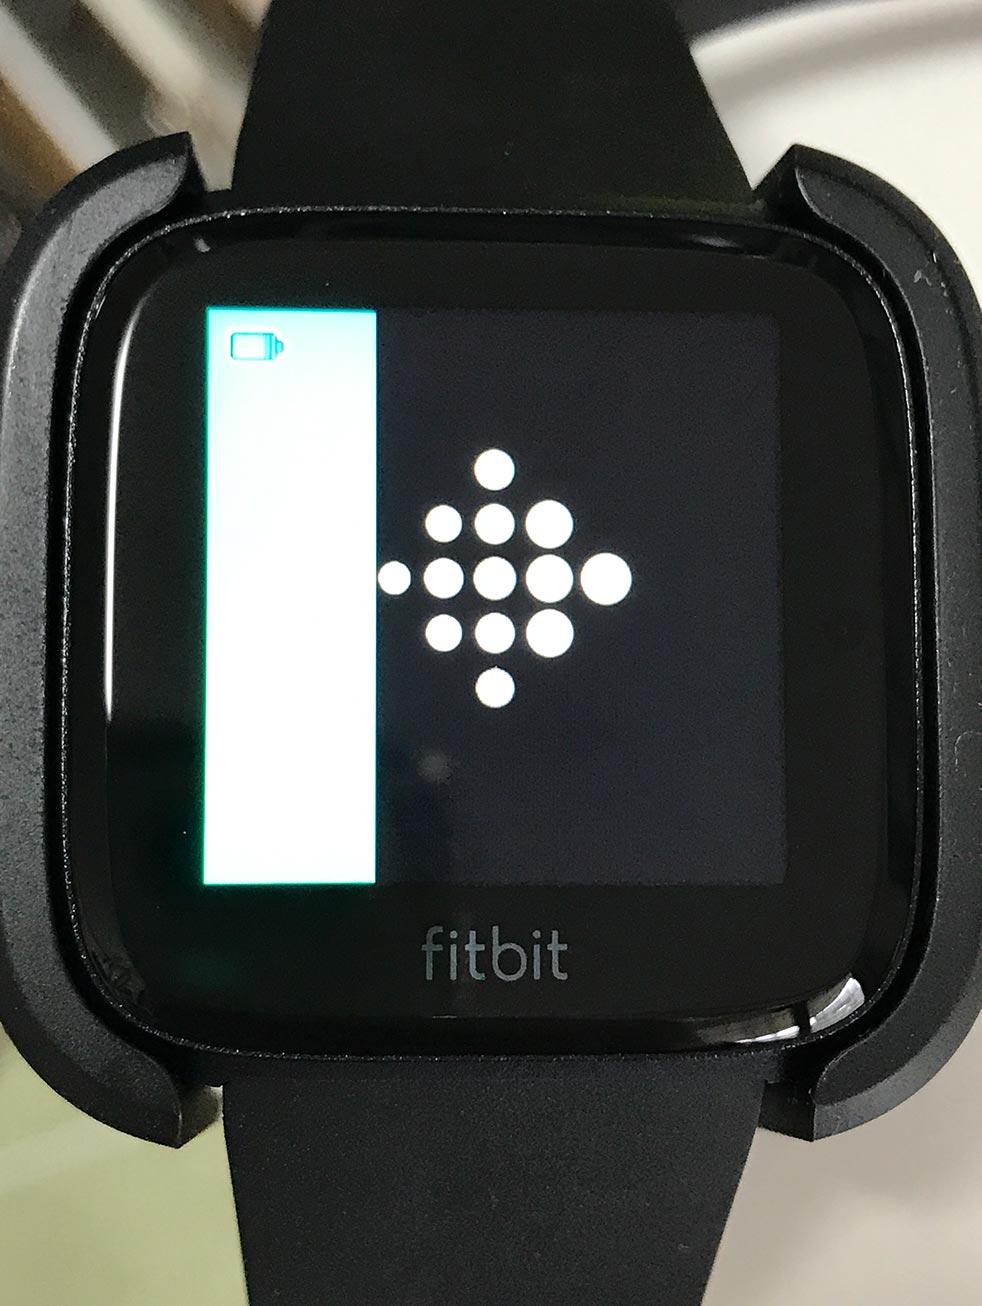 Fitbit Versaを買って数日たったので感想を書いてみる